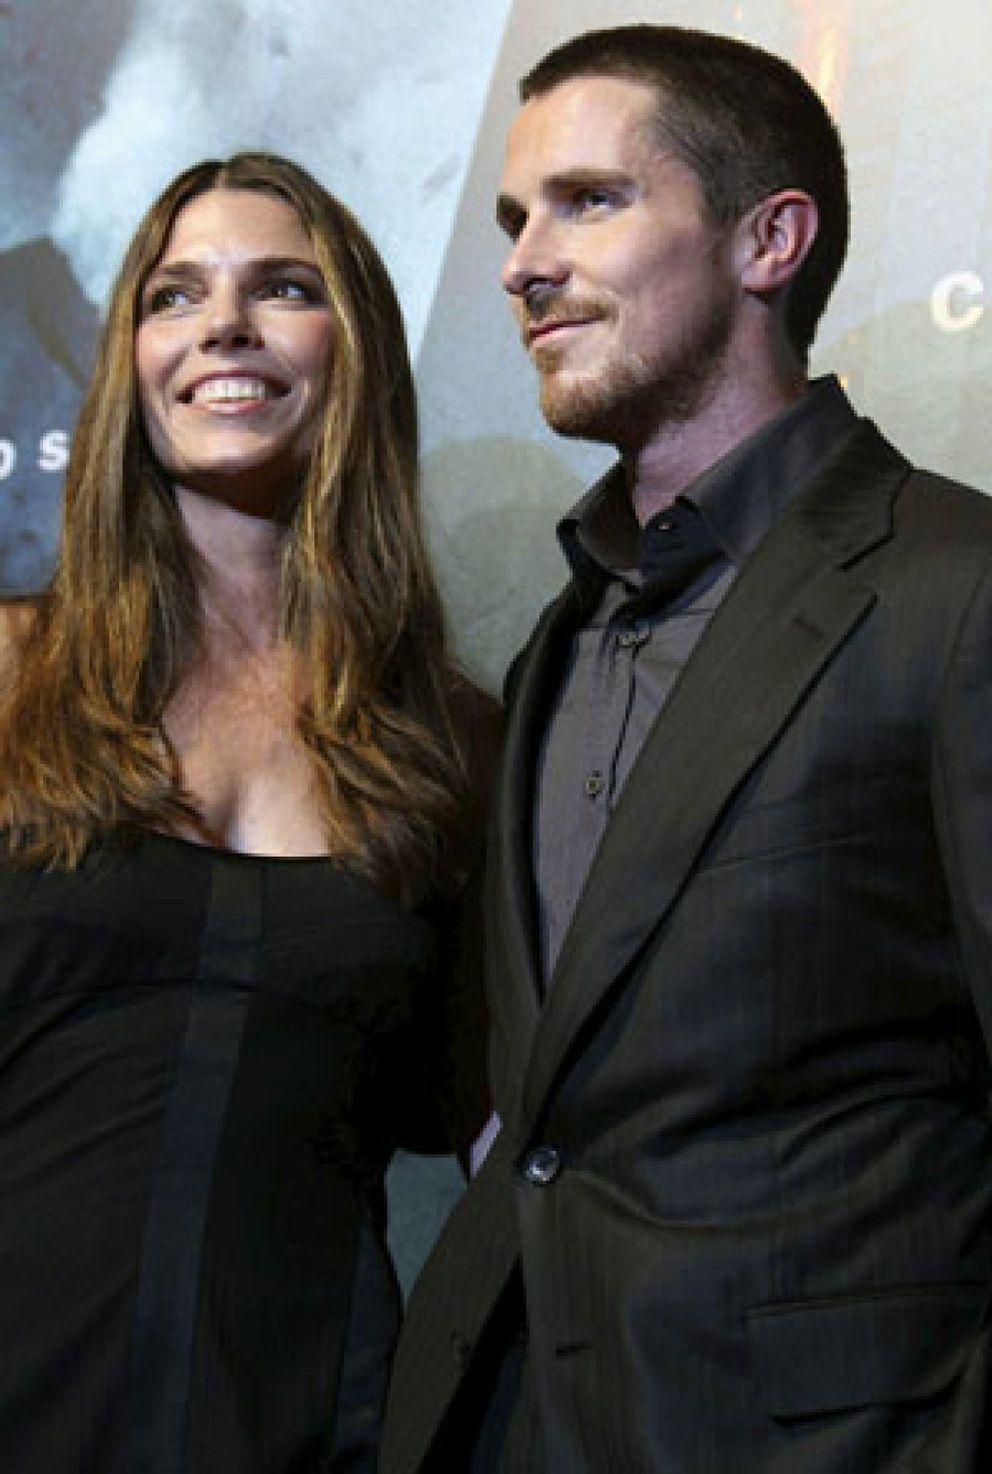 Foto: Christian Bale y los violentos desvaríos de los famosos